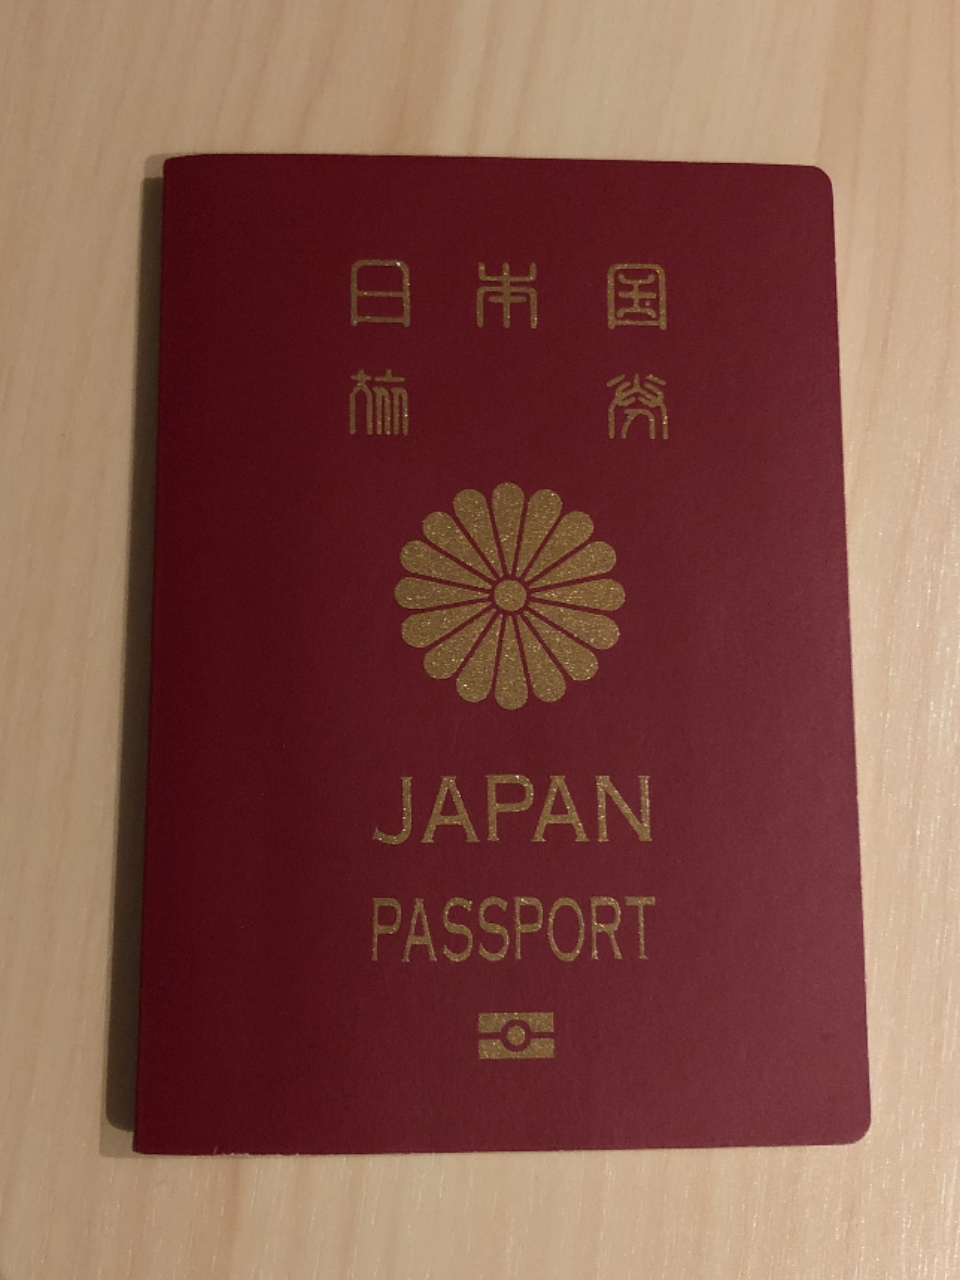 各国のパスポートを撮影してみた International passport